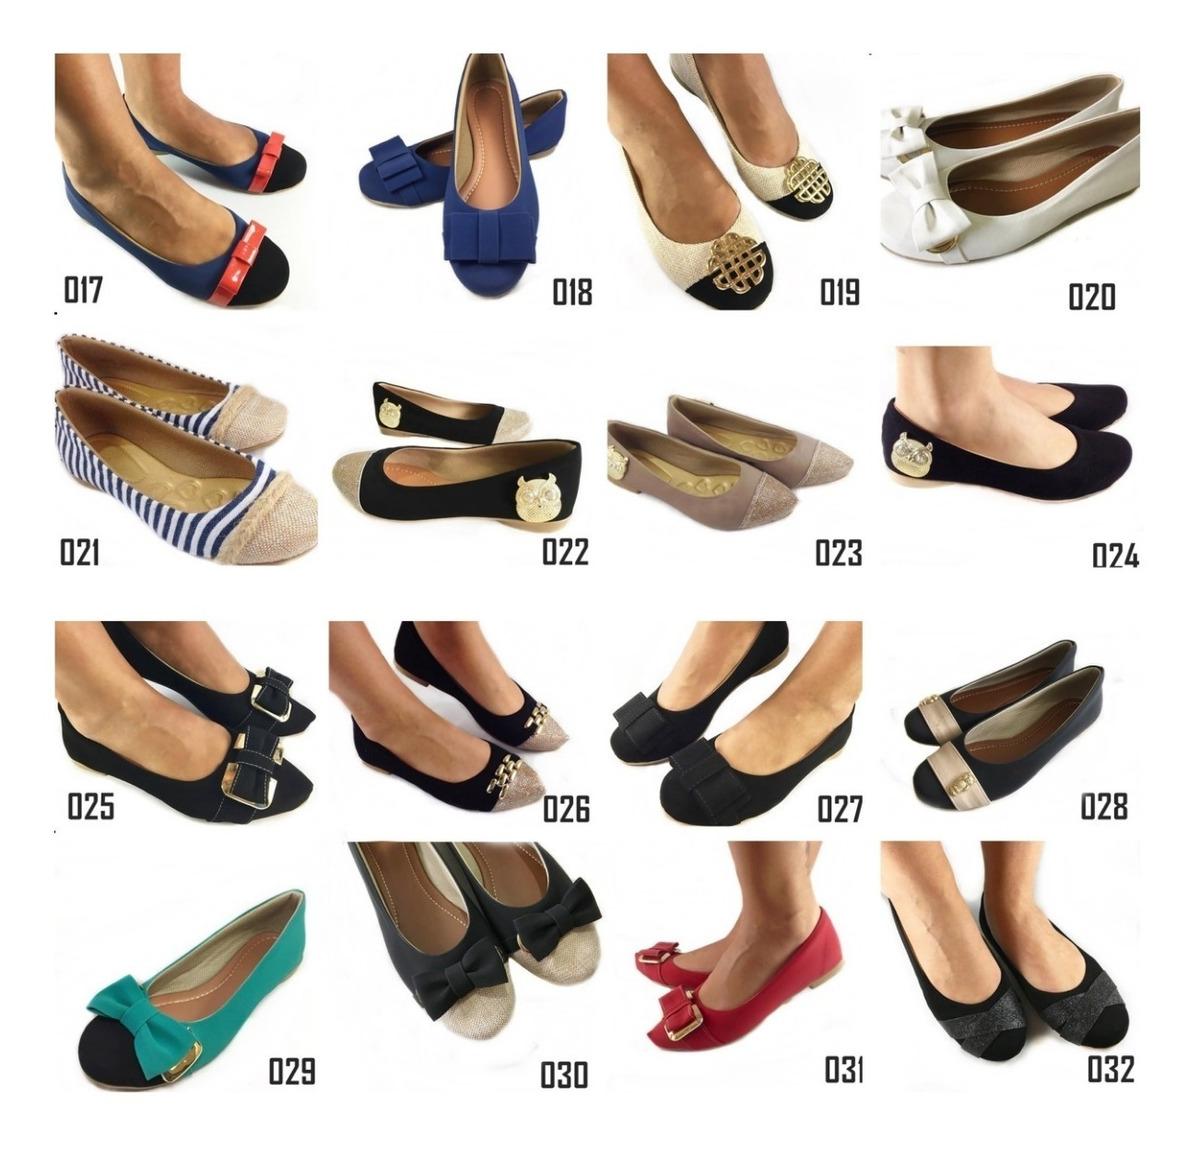 6444631ba kit 3 pares promoção sapatilha sapatos femininos barato. Carregando zoom.